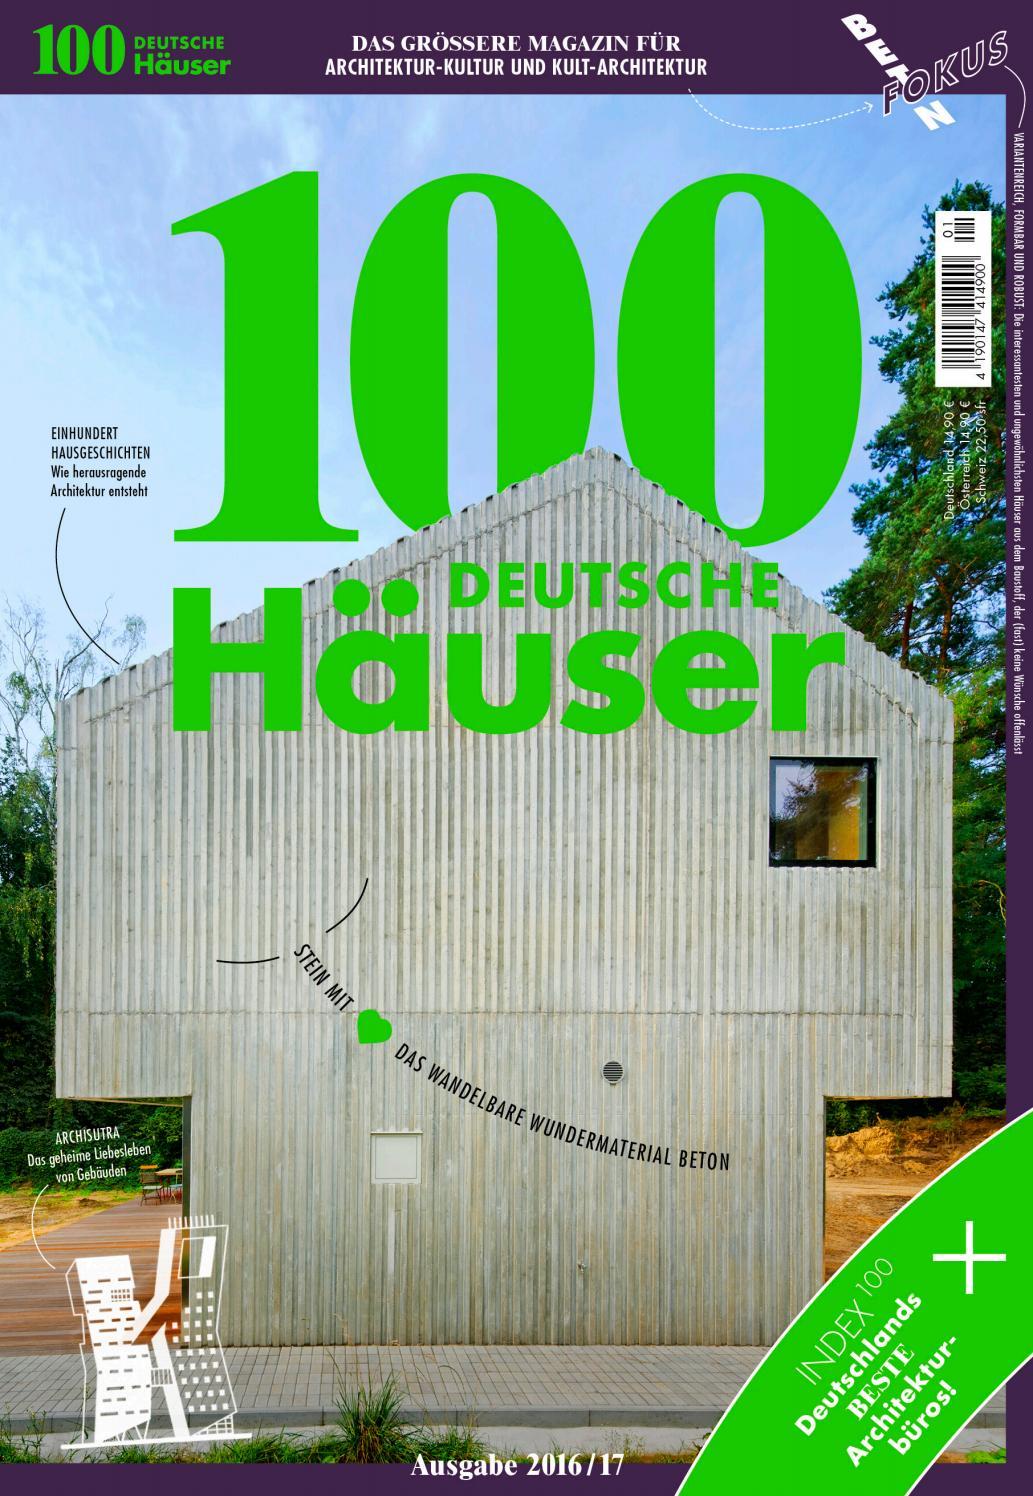 100 deutsche häuser 2016 by 100 deutsche häuser issuu